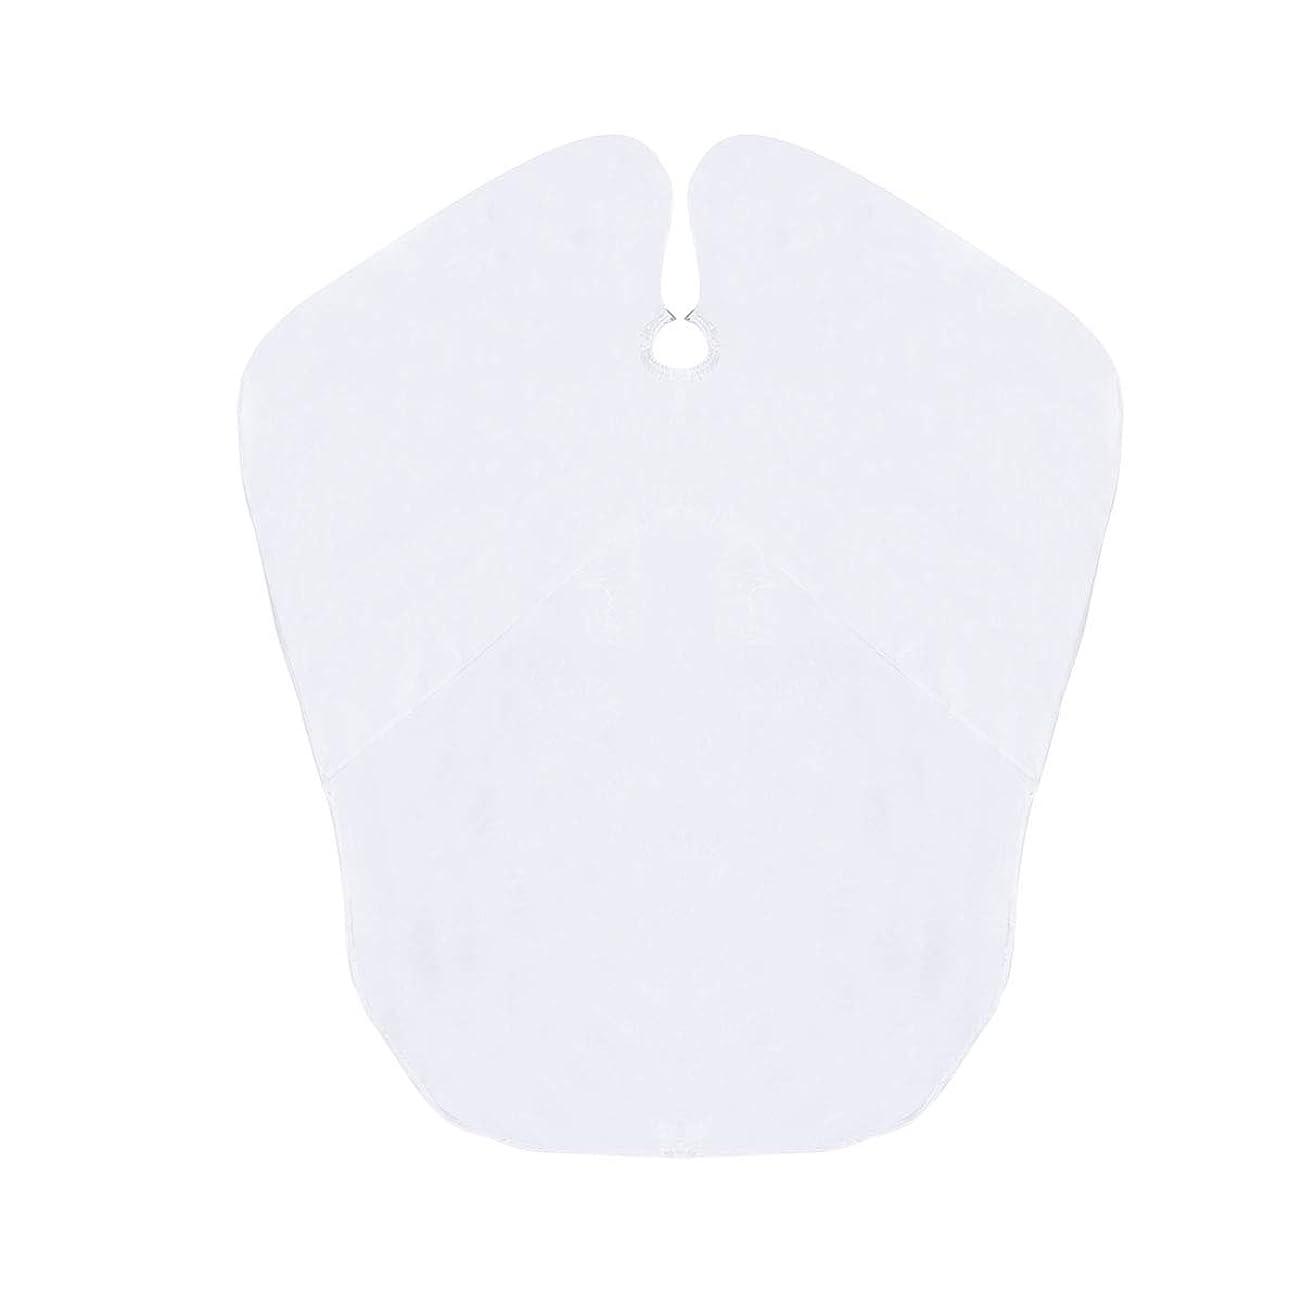 繁殖センチメートルできたHealifty ヘアカットケープ防水布子供髪カッティングキャッチャーエプロン(ホワイト)